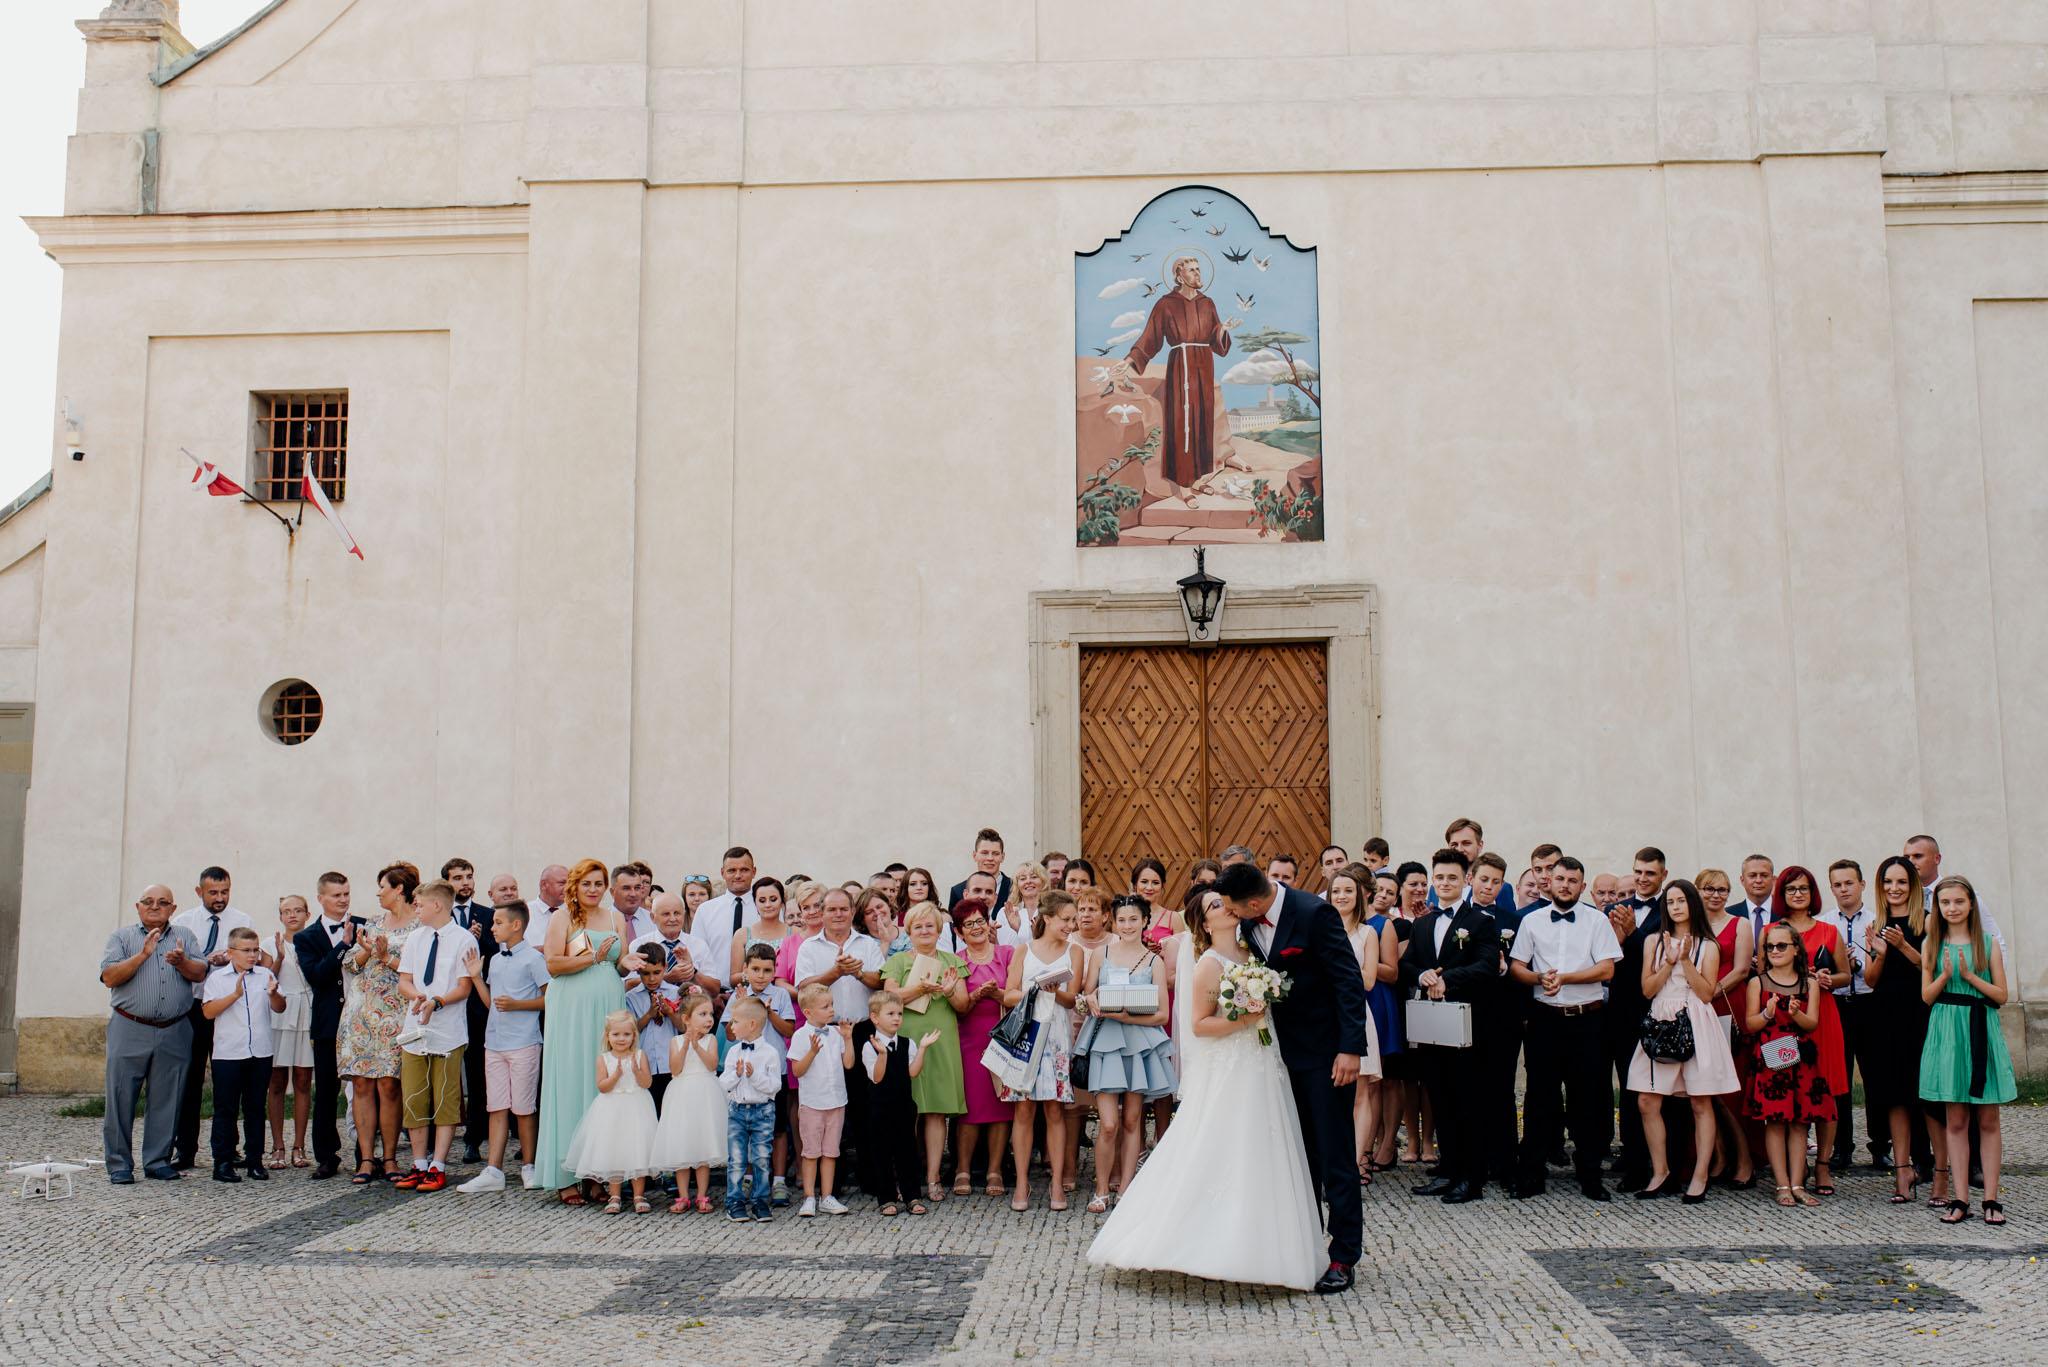 zabawa weselna, fotograf ślubny stalowa wola, fotograf na ślub stalowa wola